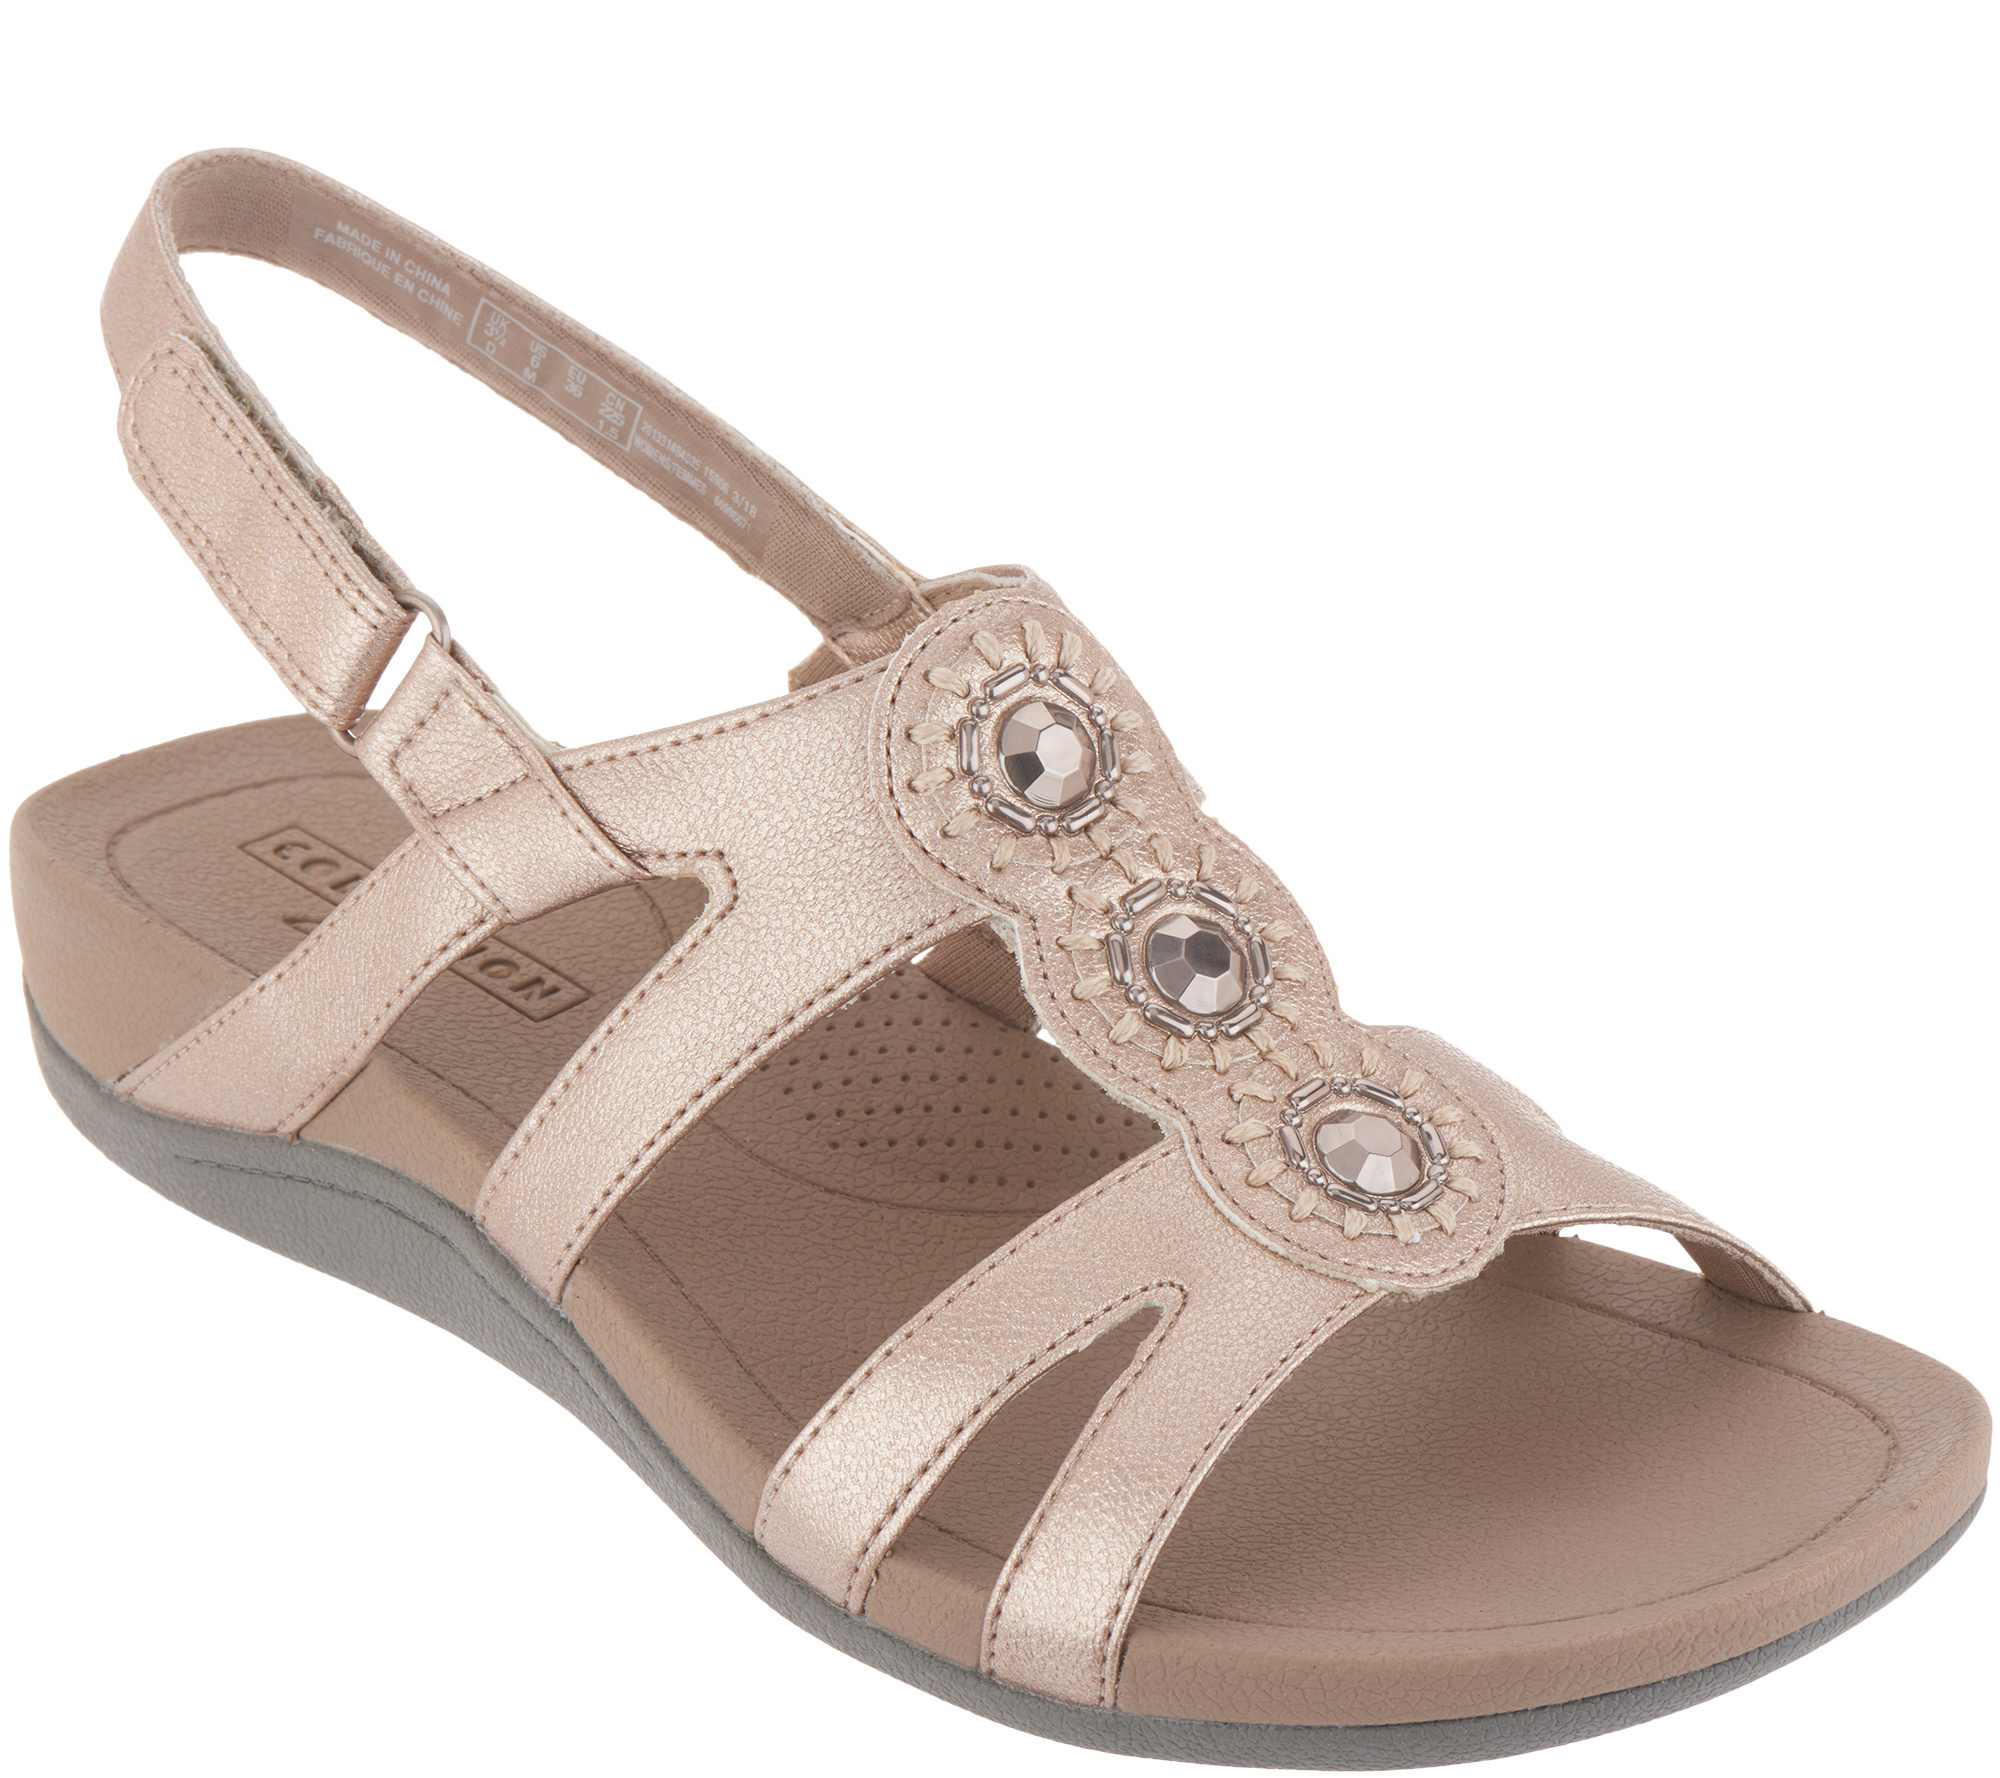 Clarks Embellished Adjustable Sandals - Pical Serino